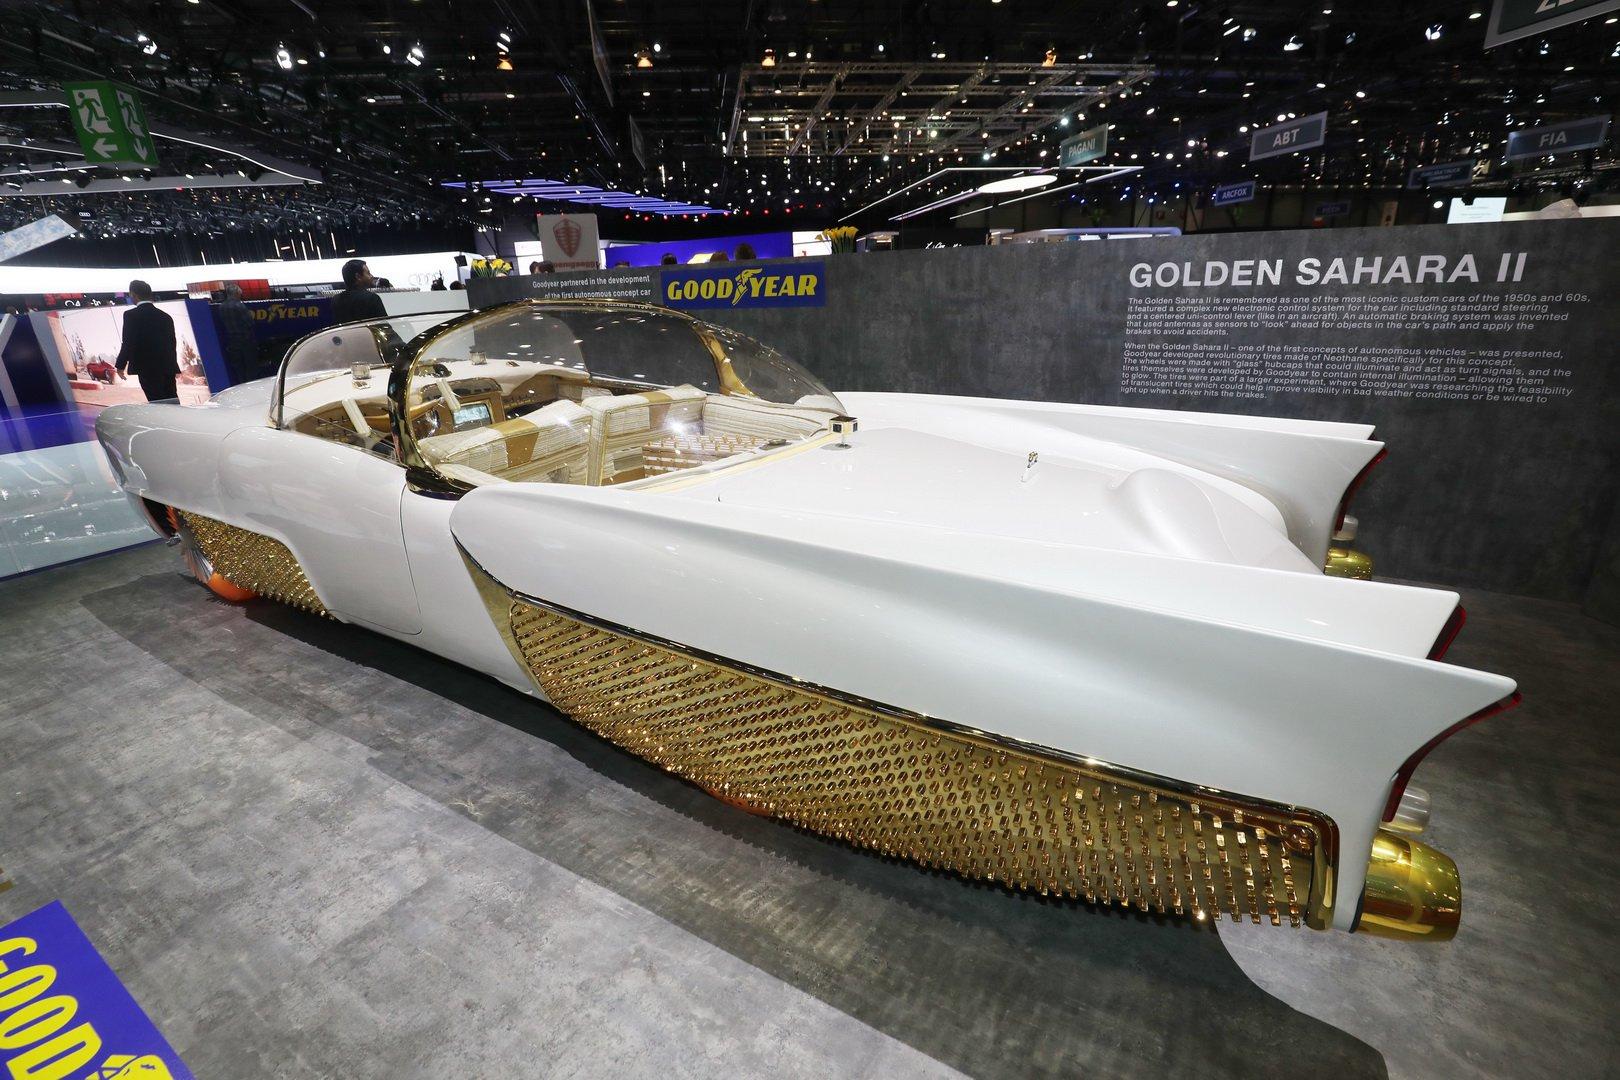 Golden Sahara II Goodyear Geneva 2019 (3)